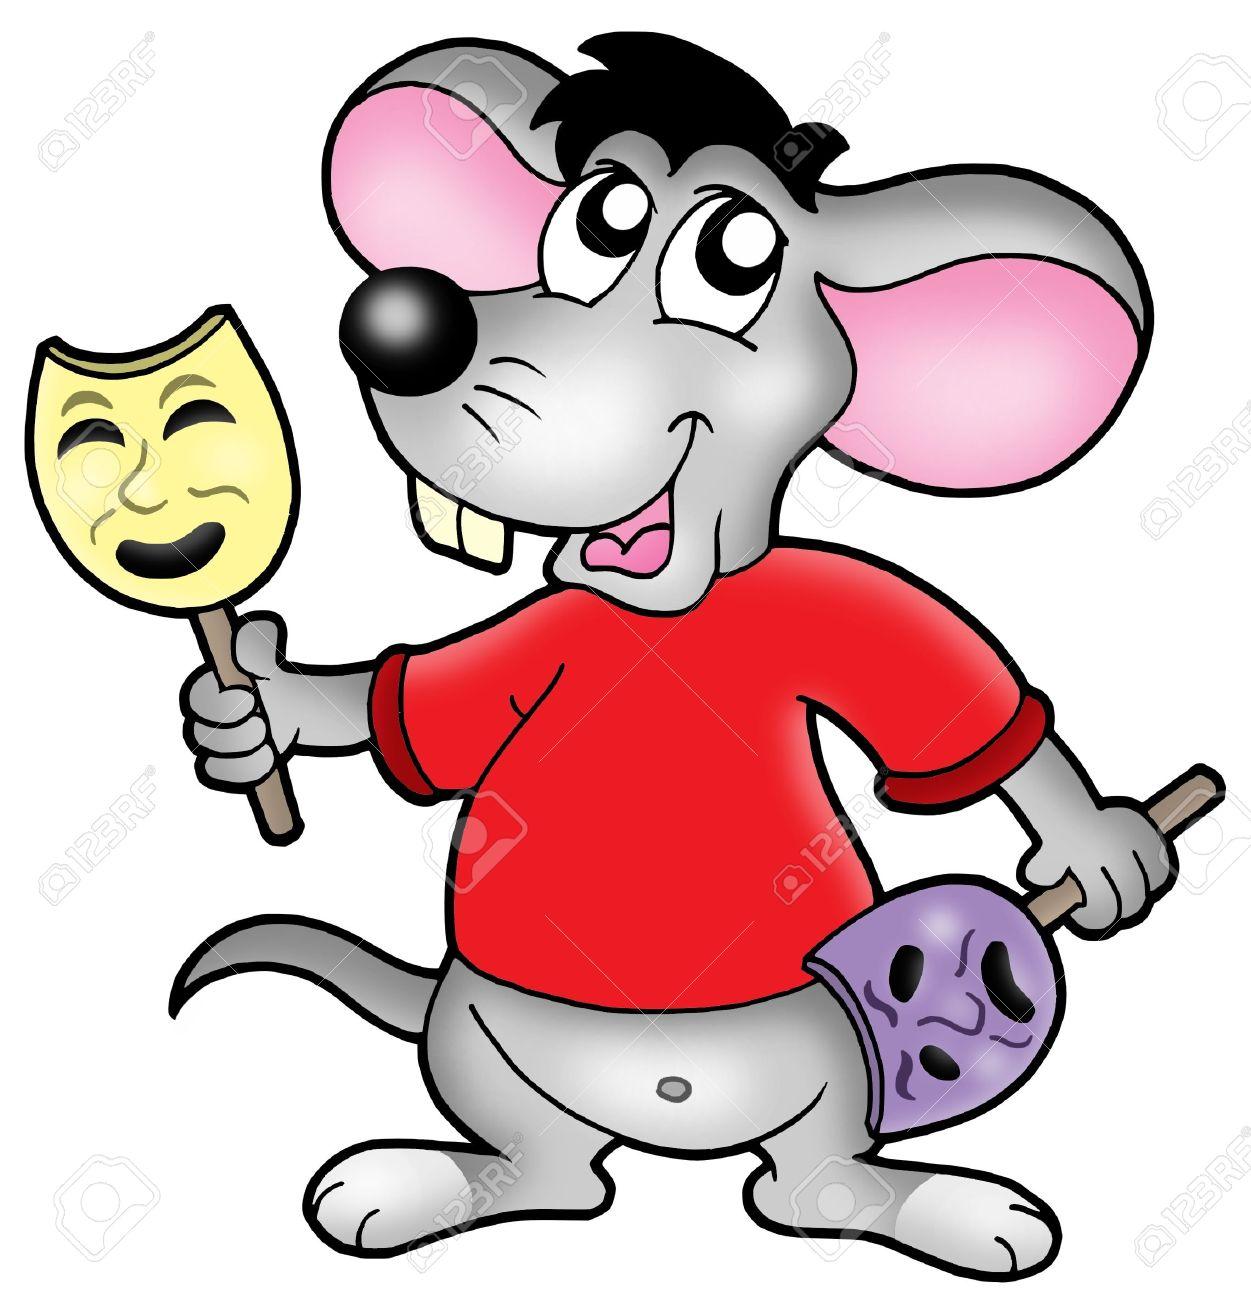 Ratón De Dibujos Animados Actor - Color Ilustración. Fotos, Retratos ...